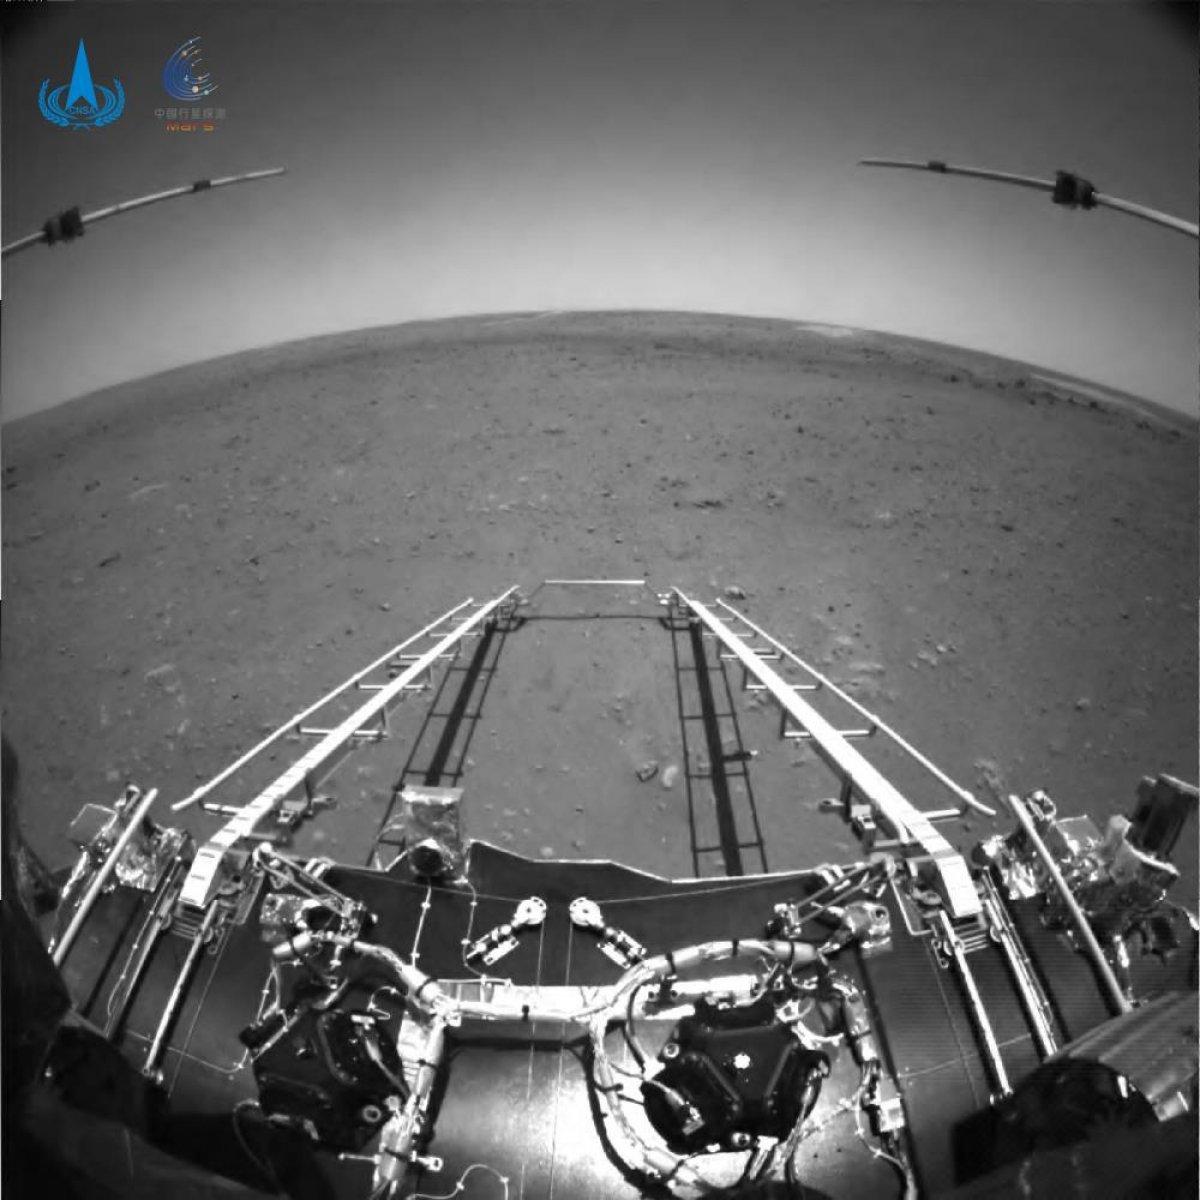 Çin, Mars keşif aracı Zhurong un çektiği ilk fotoğrafları yayınladı #2